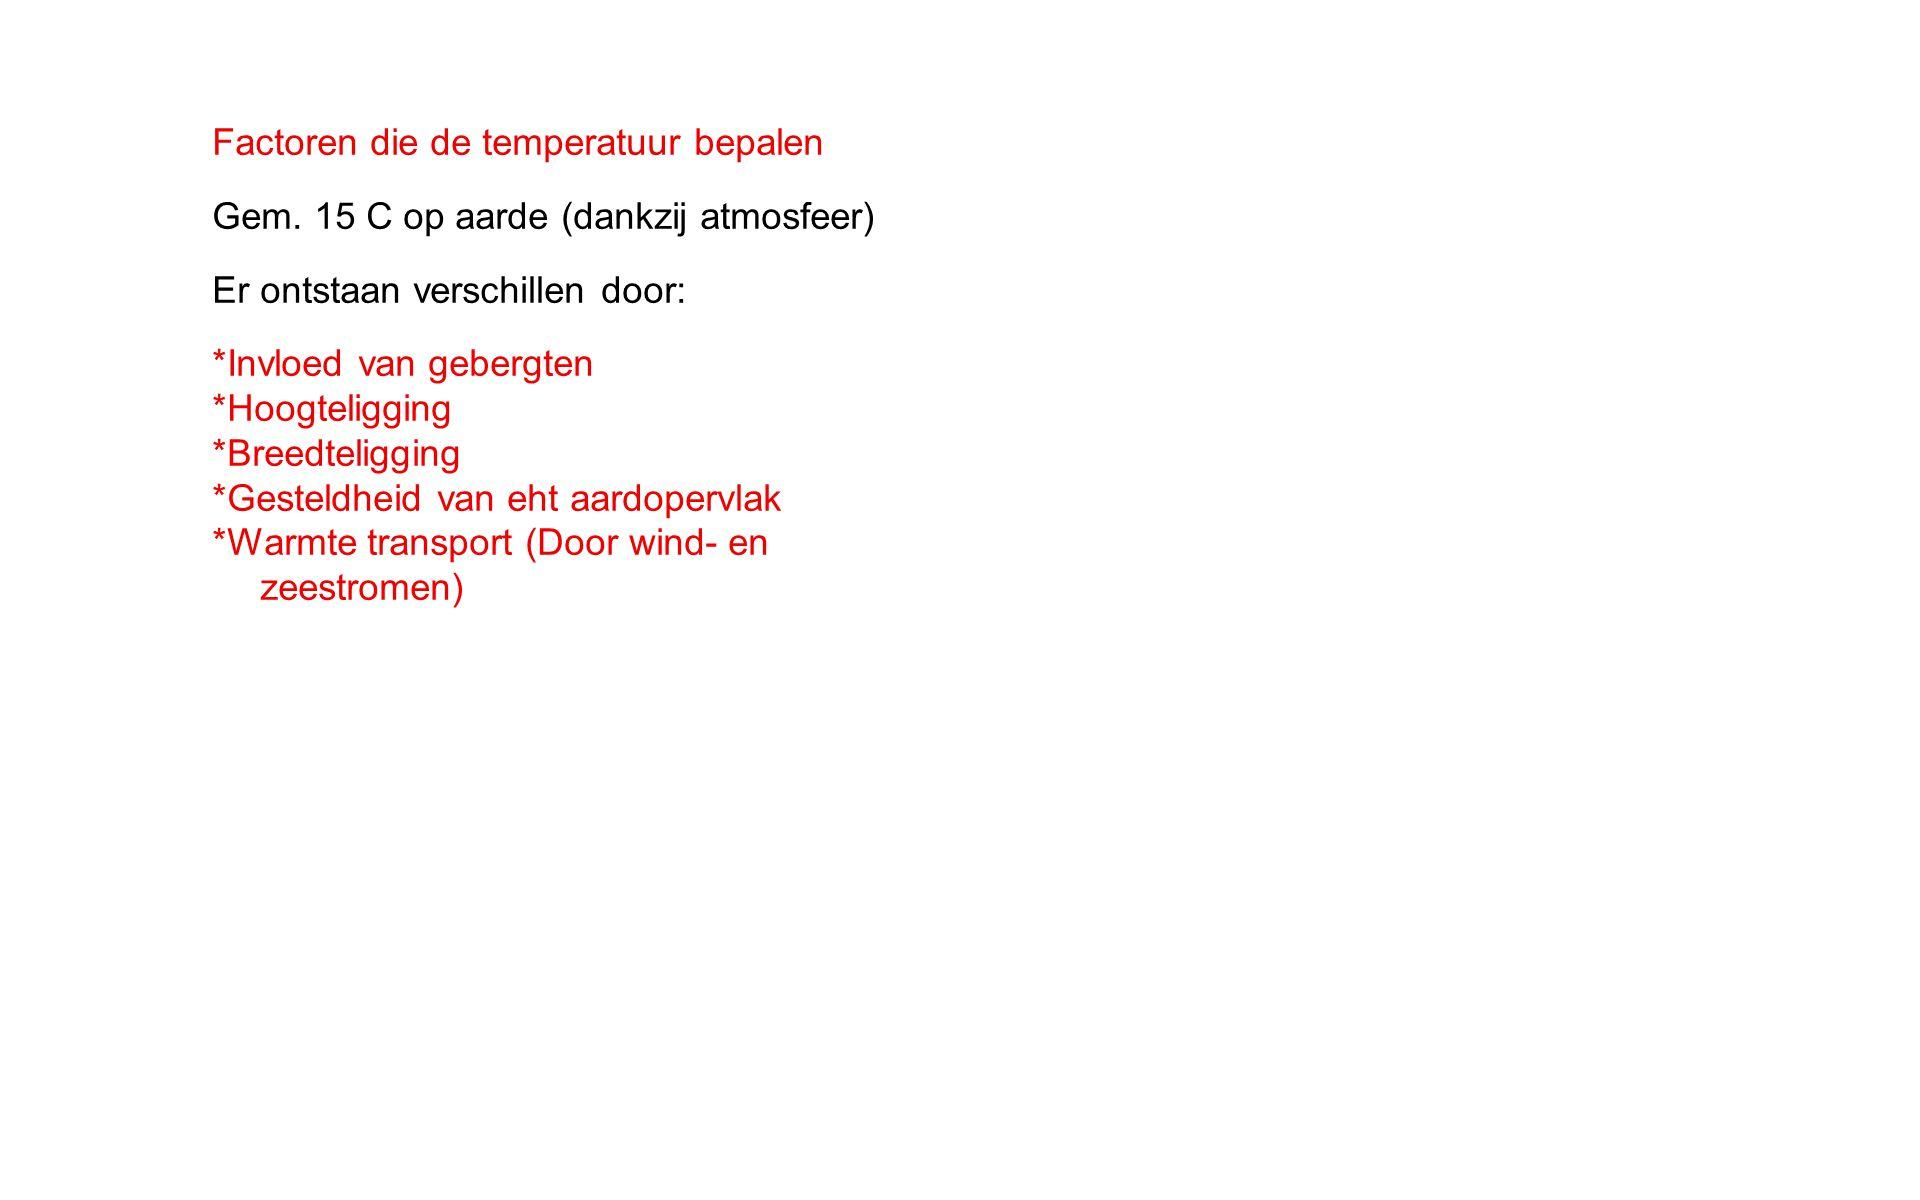 Factoren die de temperatuur bepalen Gem. 15 C op aarde (dankzij atmosfeer) Er ontstaan verschillen door: * Invloed van gebergten * Hoogteligging * Bre